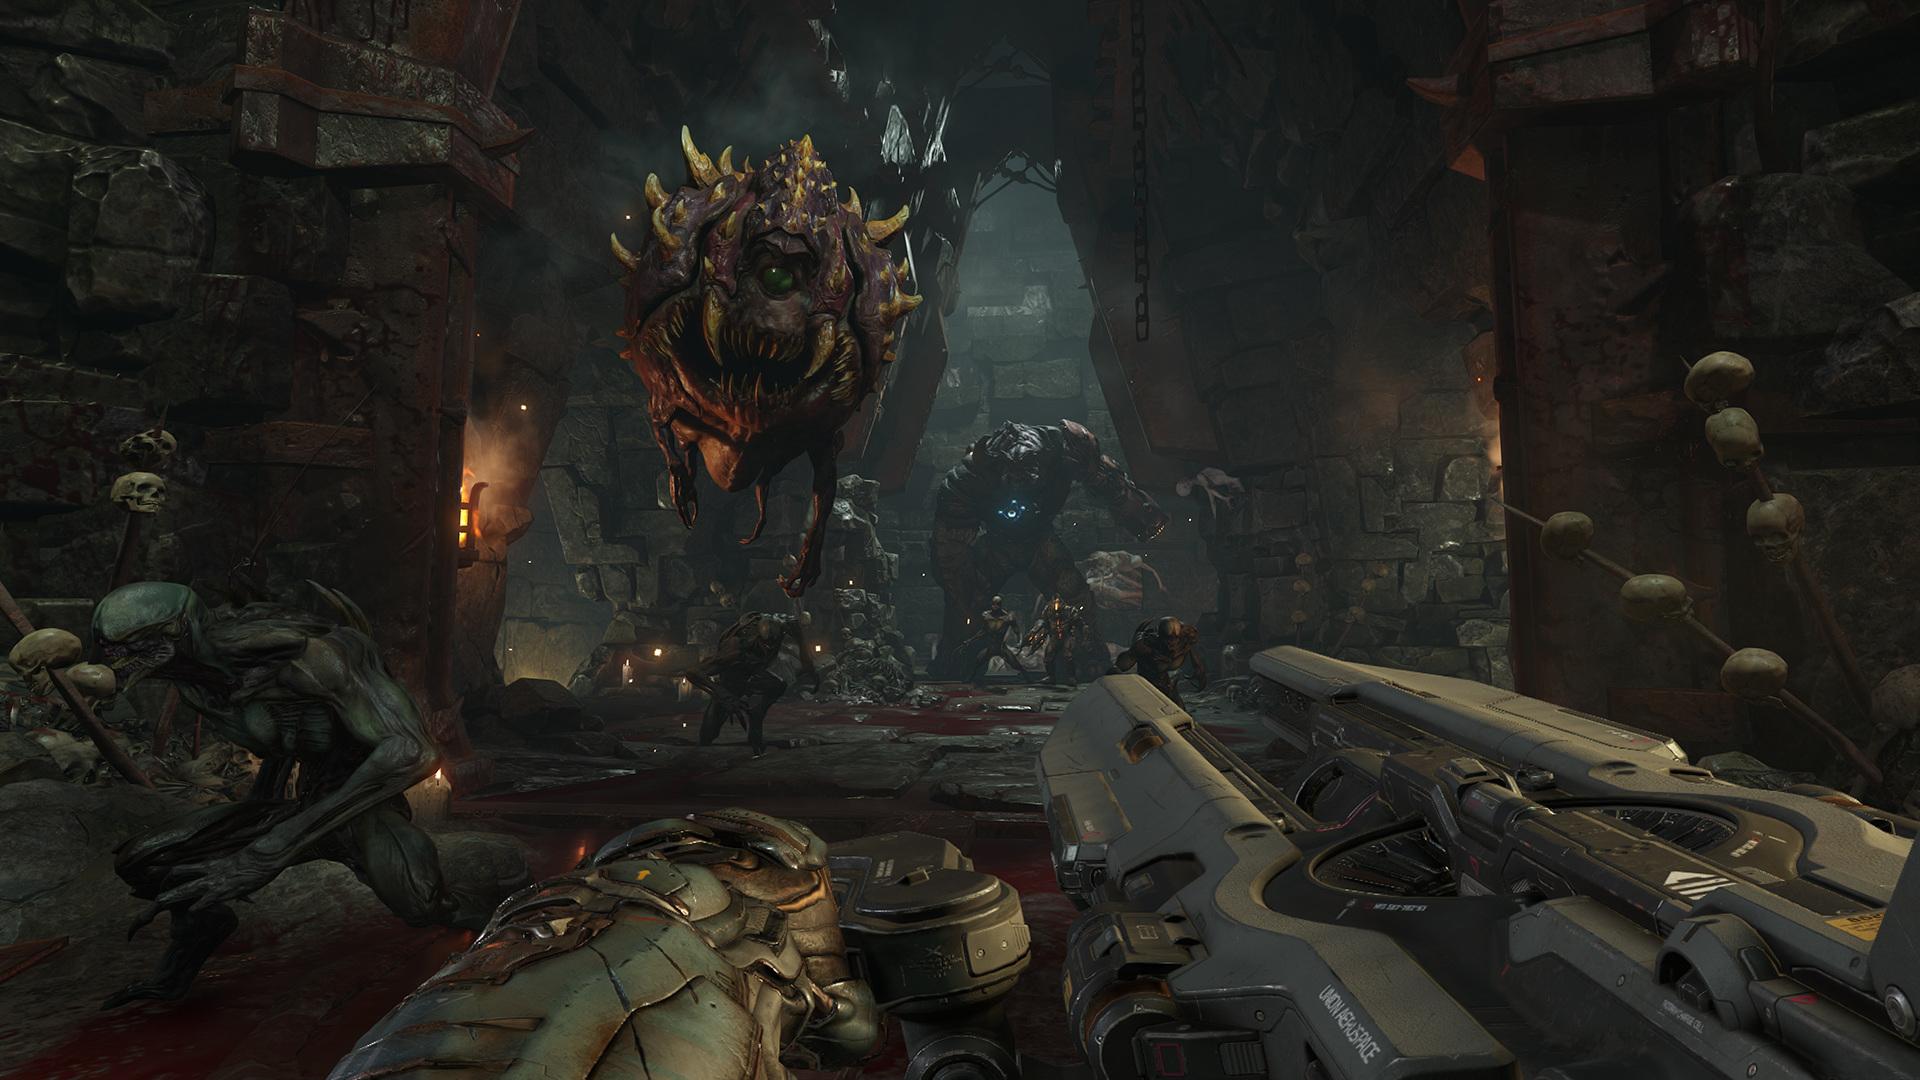 Doom - Quakecon 2015 - Screenshot Full HD - 1920x1080